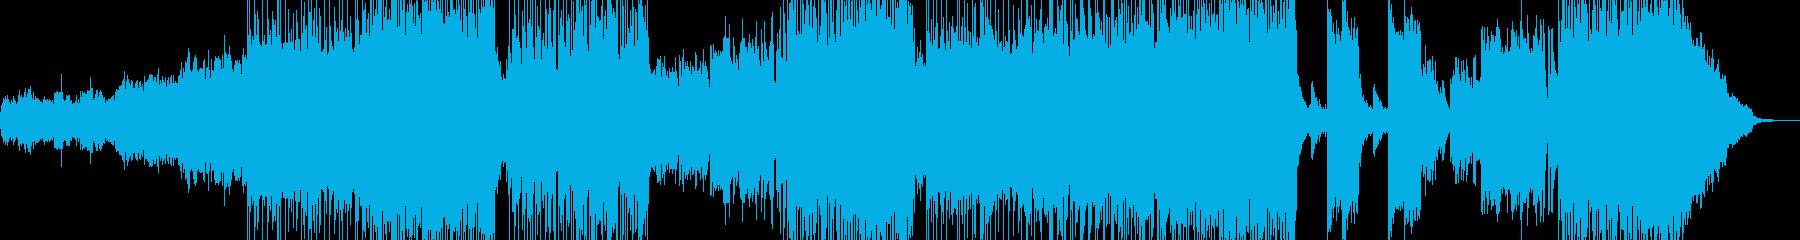 漆黒をイメージした3拍子ロックの再生済みの波形